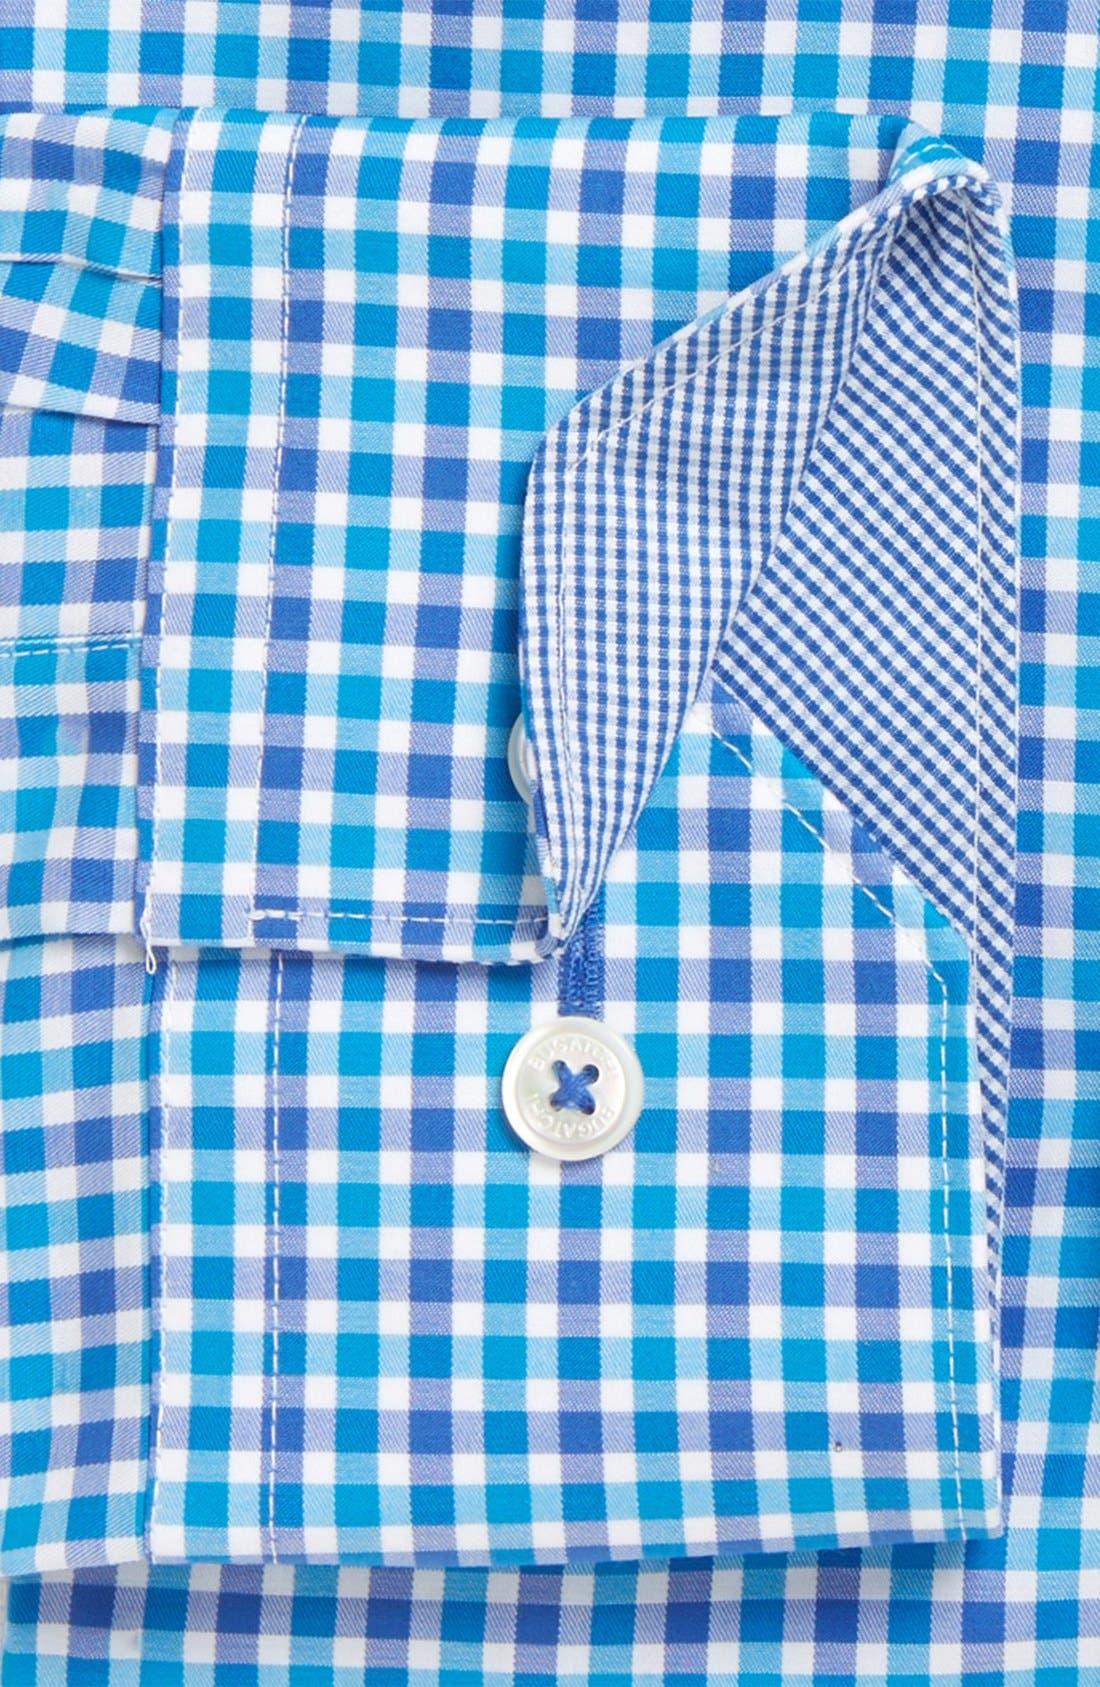 Trim Fit Check Dress Shirt,                             Alternate thumbnail 2, color,                             425